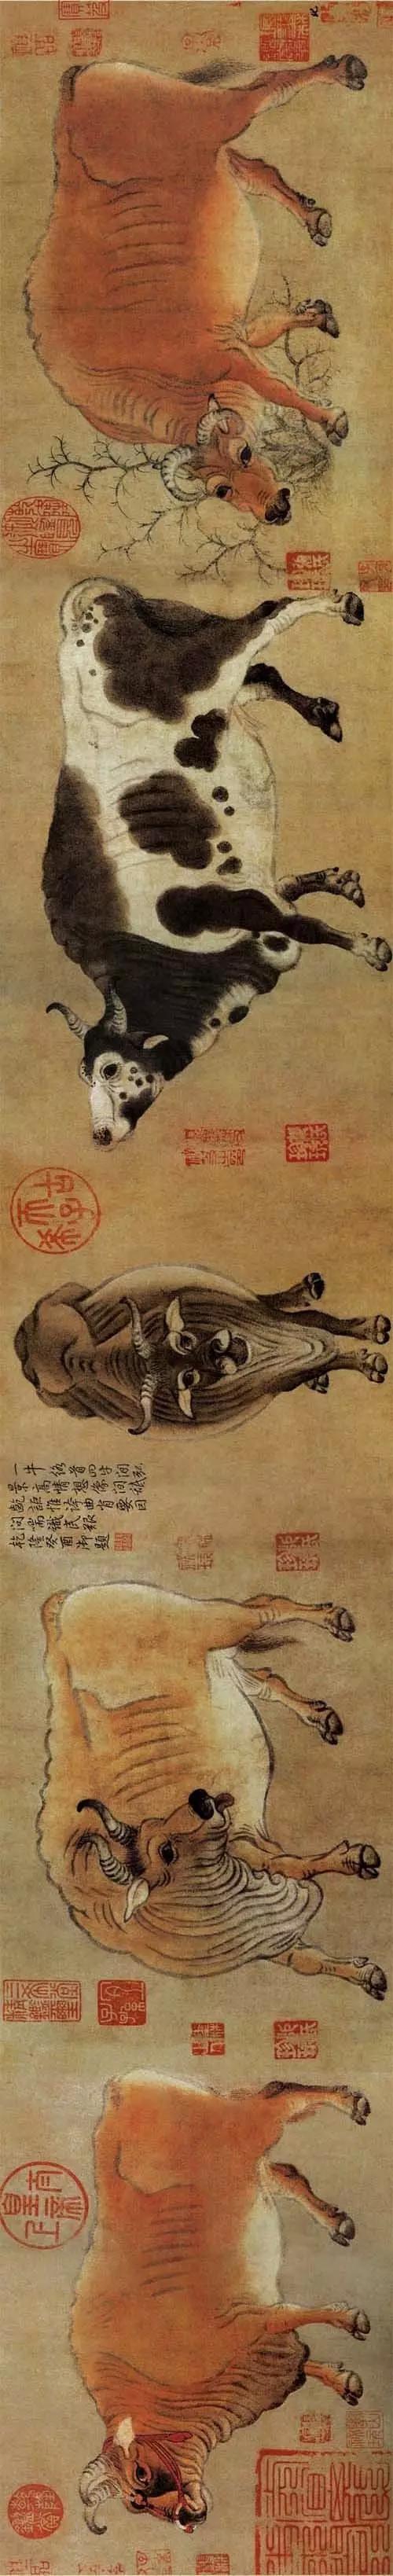 唐 韩滉 五牛图卷 纸本设色 20.8×139.8cm 故宫博物院藏